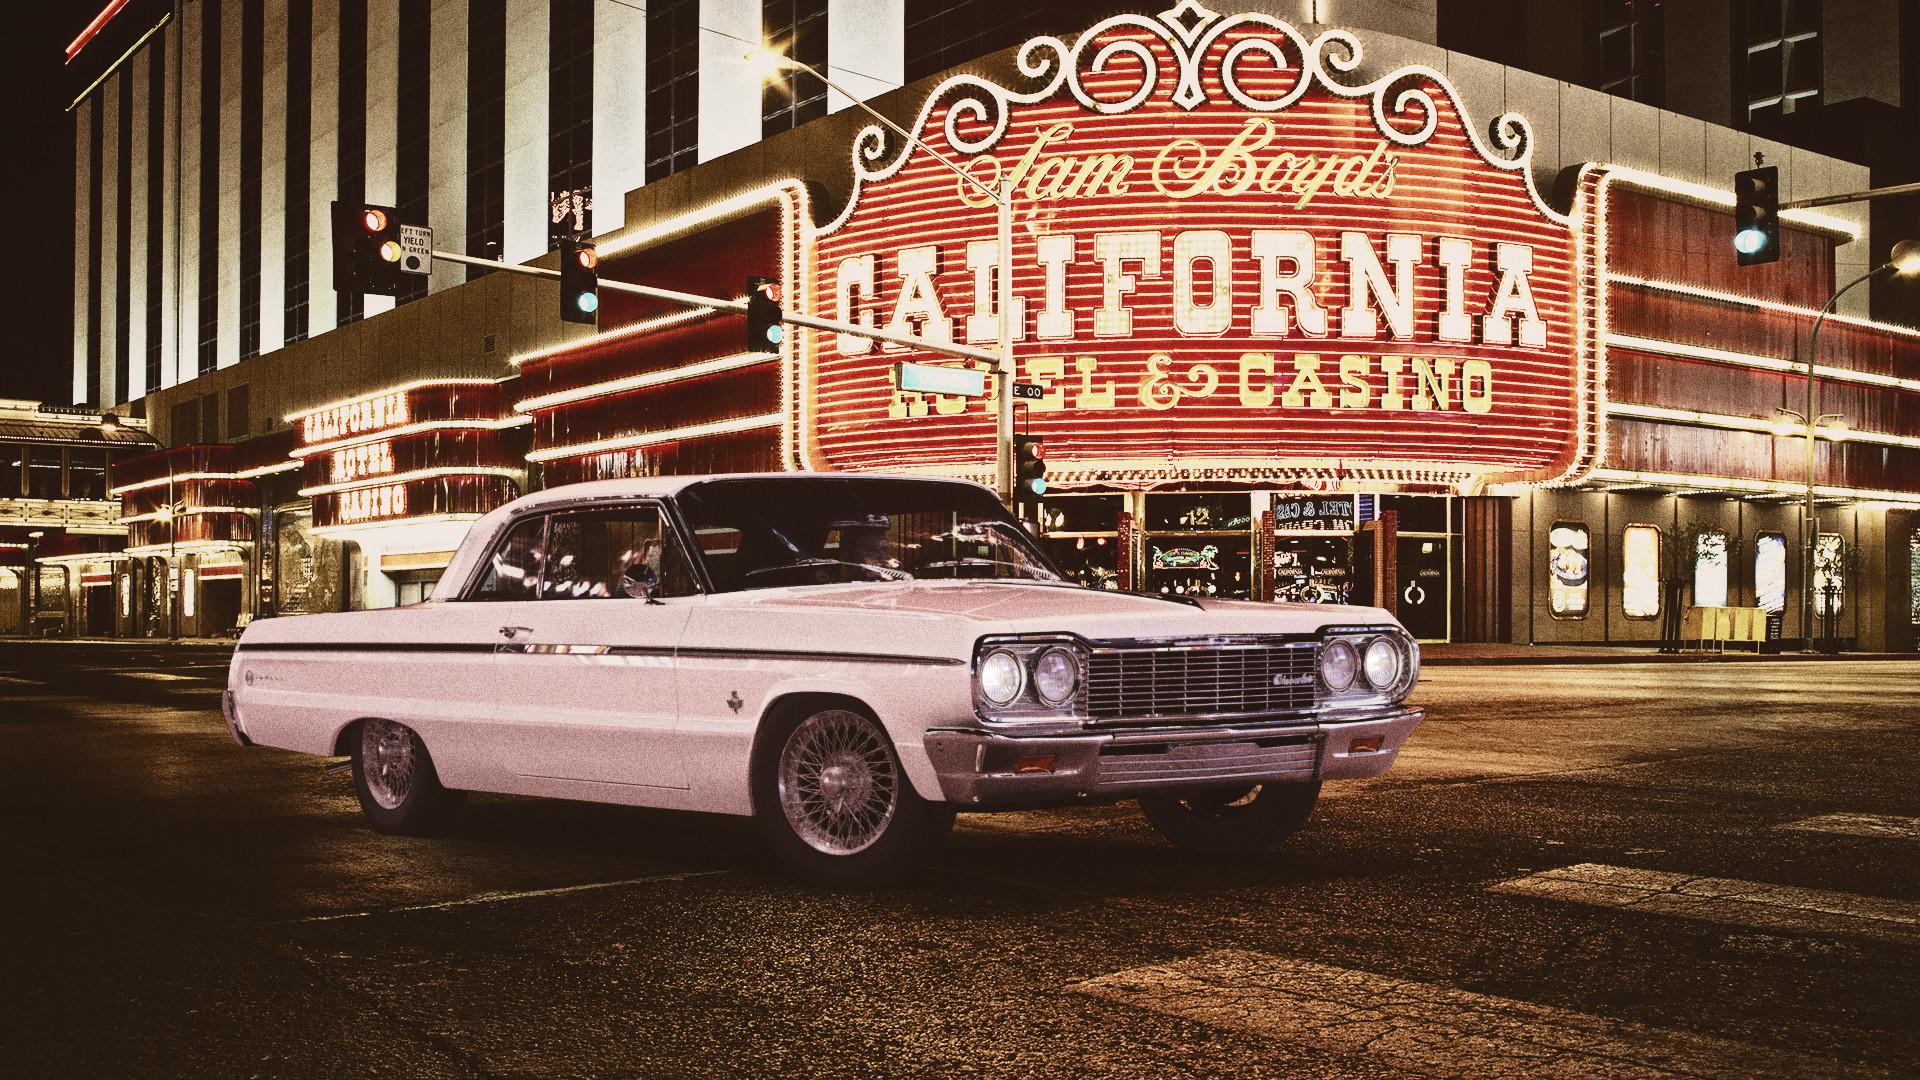 Kekurangan Chevrolet Impala 64 Top Model Tahun Ini